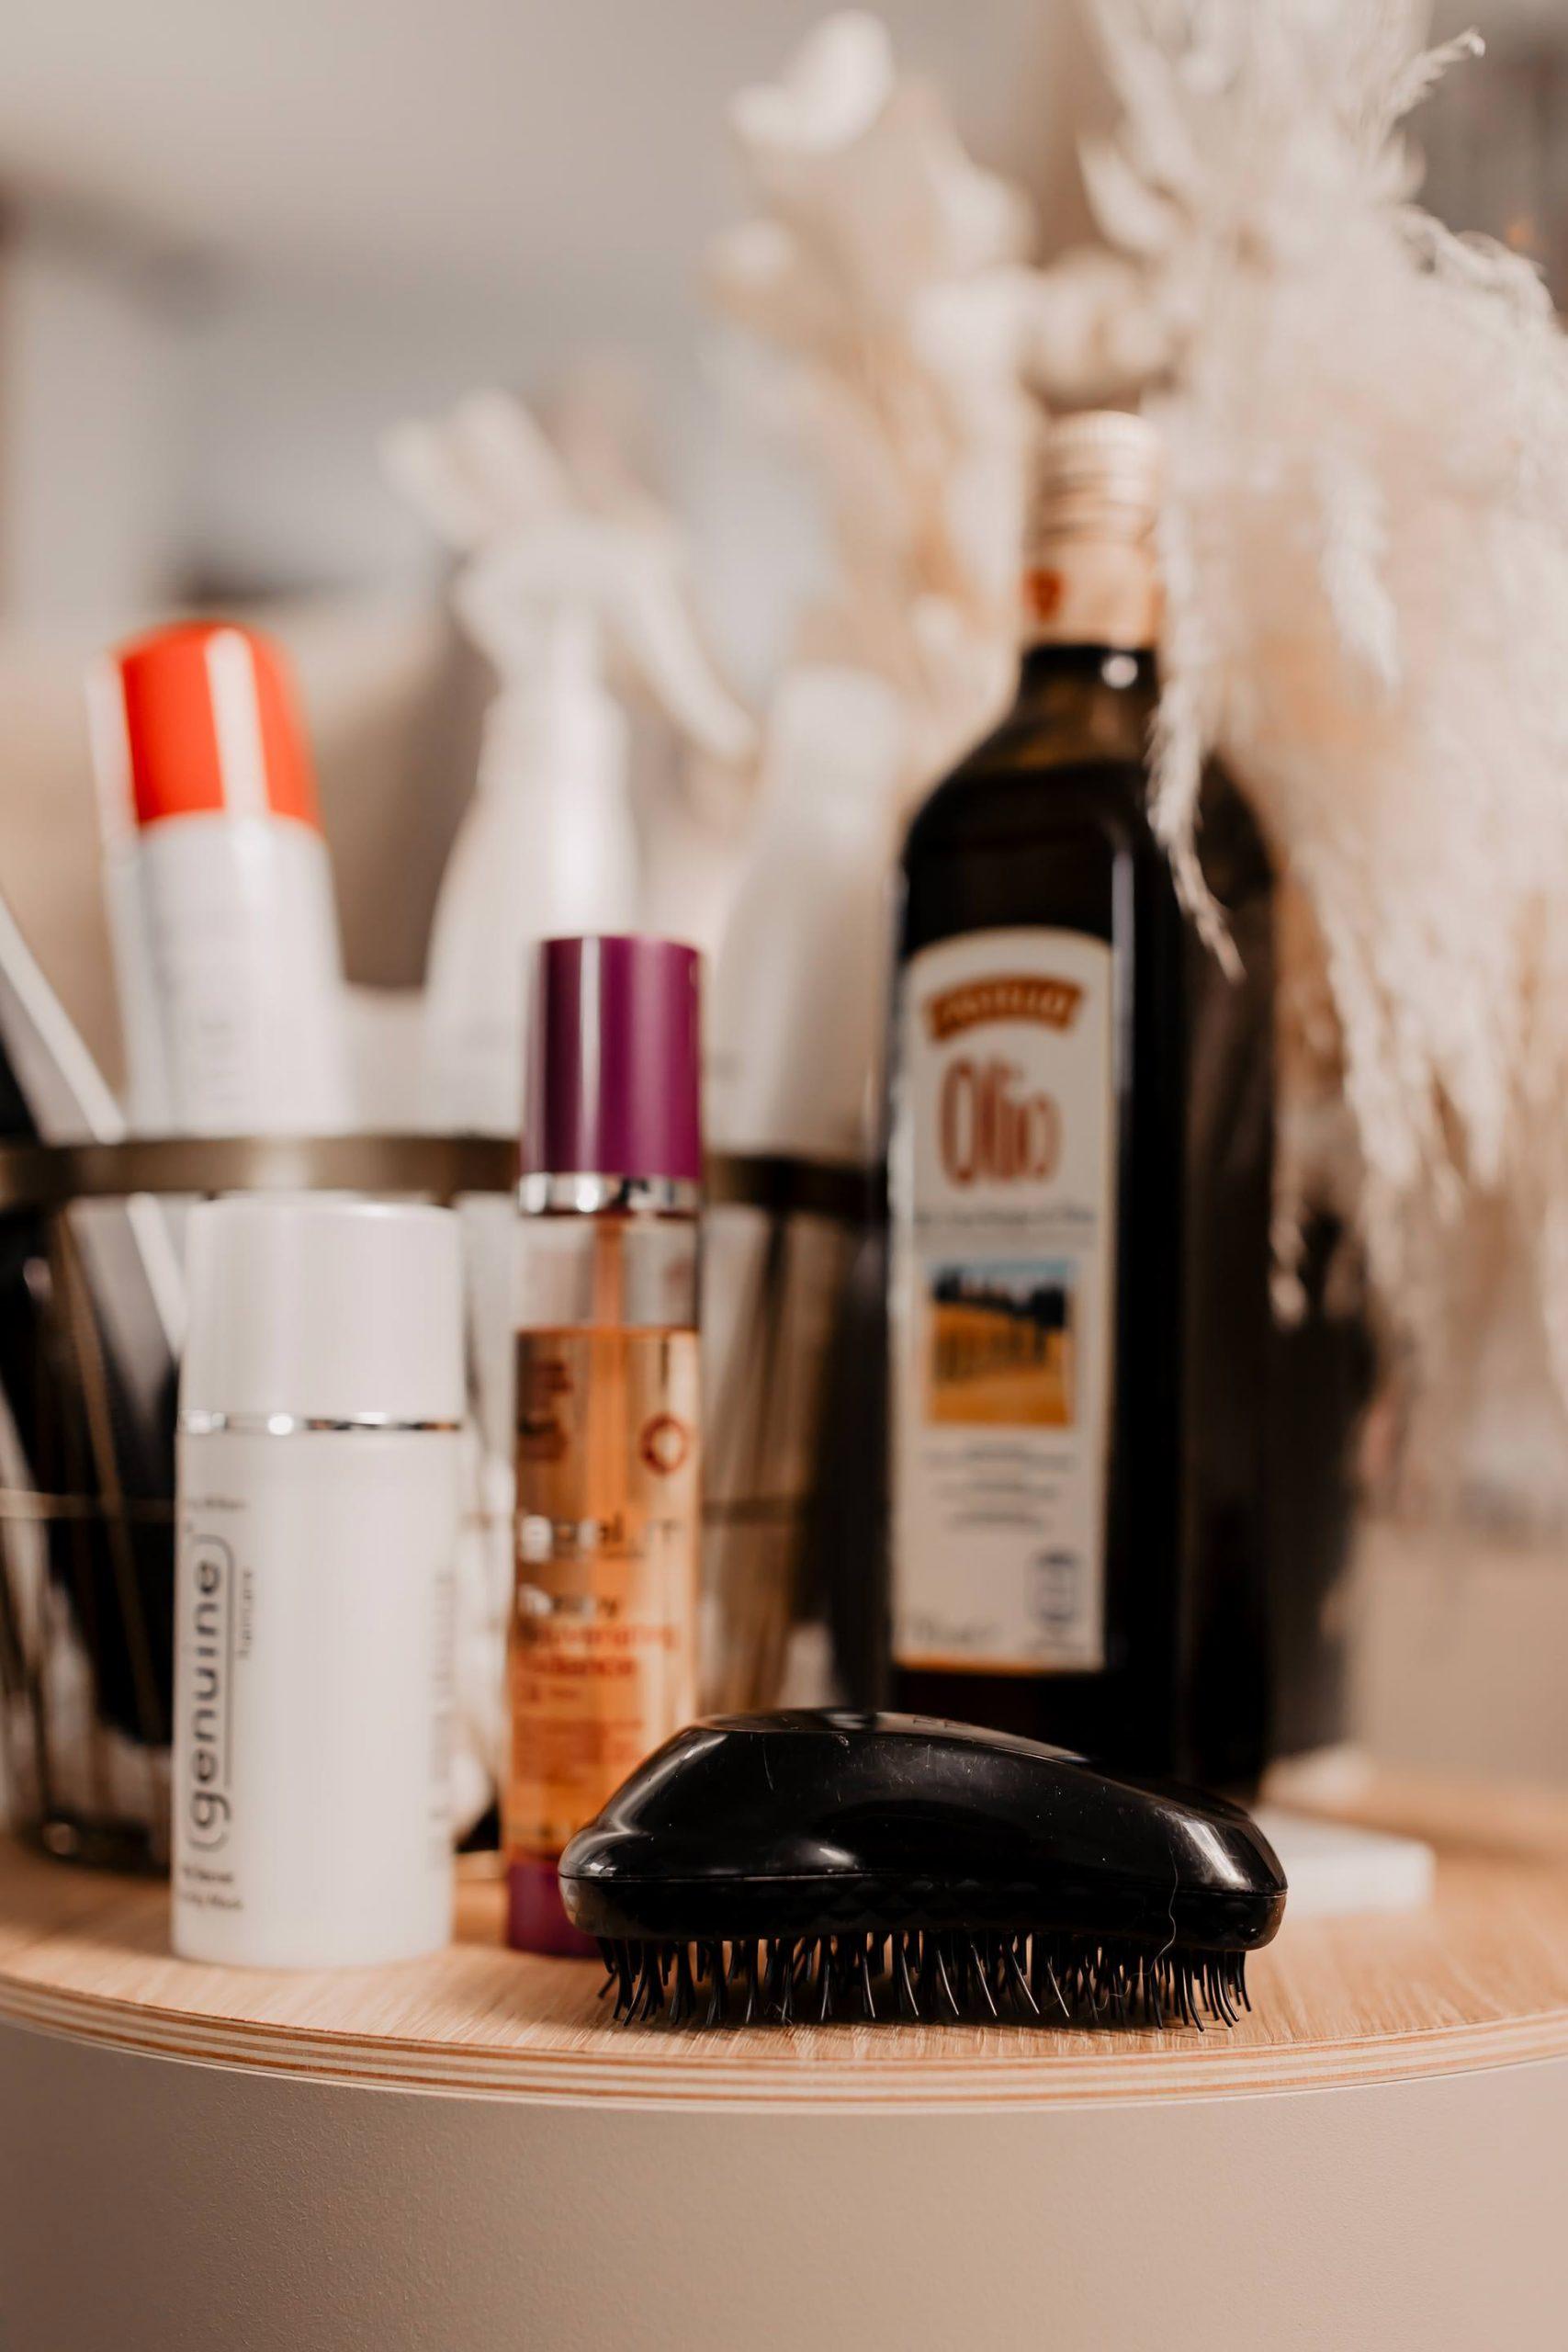 Produktplatzierung. Mit einfachen Beauty-Tipps und -Tricks lassen sich schöne Haare nahezu herbei zaubern! Heute zeige ich dir, wie du deine Haare richtig pflegen kannst und welche Tipps für schöne Haare mir geholfen haben. www.whoismocca.com #haarpflege #schönehaare #beautytipps